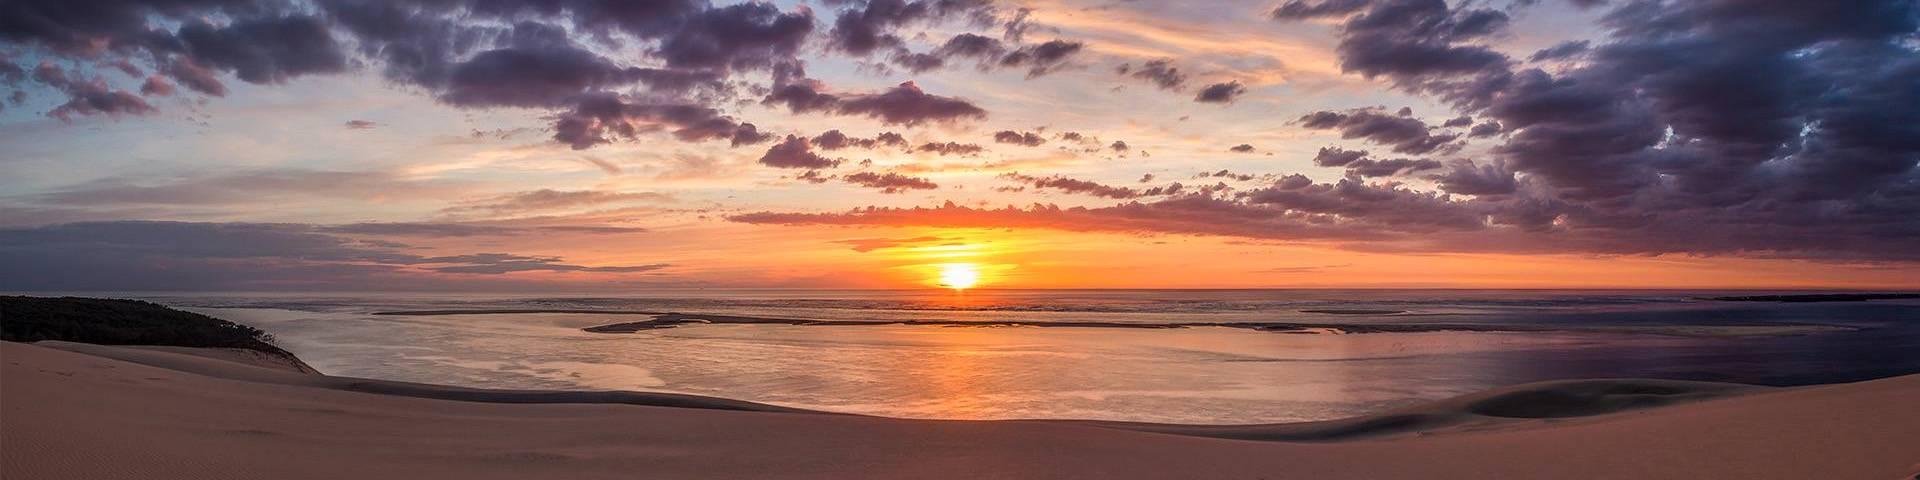 Panorama du plus beau coucher de soleil vu sur la Dune du Pilat